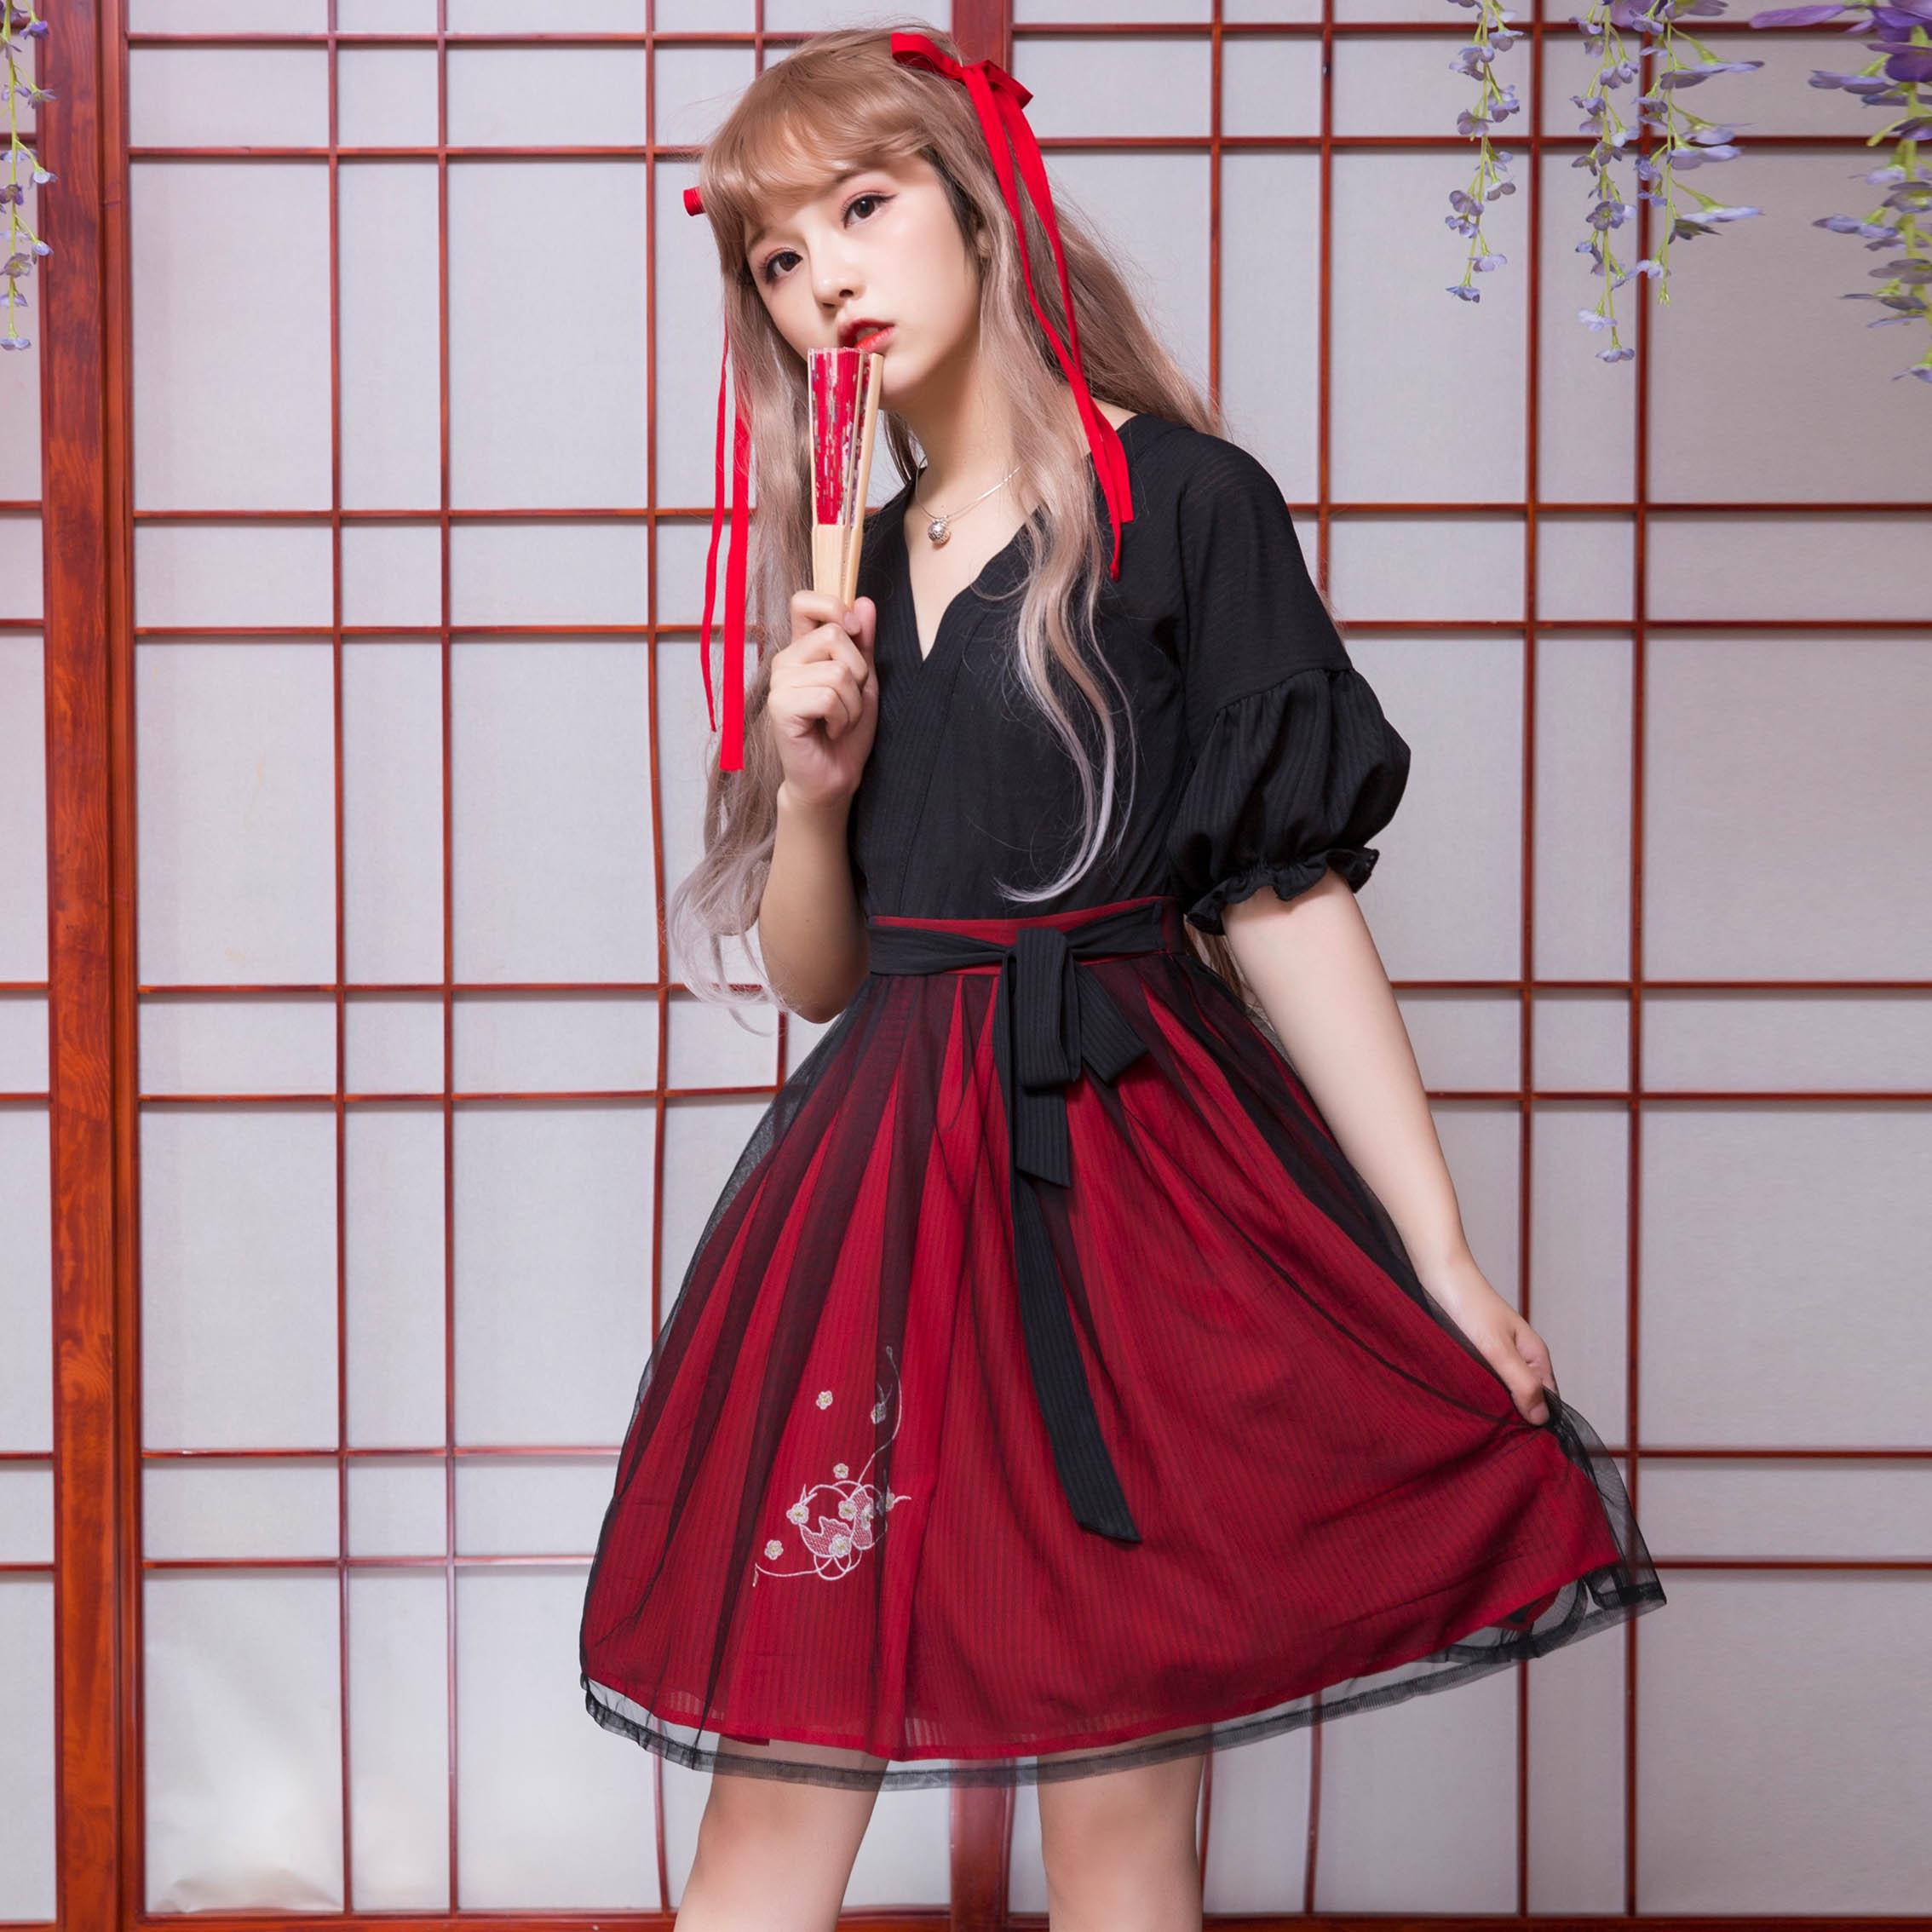 Ling ยาว Tou (ลูกเต๋าประณีต)   สง่างามประเพณีจีน Hanfu สีดำ + ชุดสีแดง Han องค์ประกอบแขนสั้นชุดชิ้น-ใน ชุดเดรส จาก เสื้อผ้าสตรี บน   1